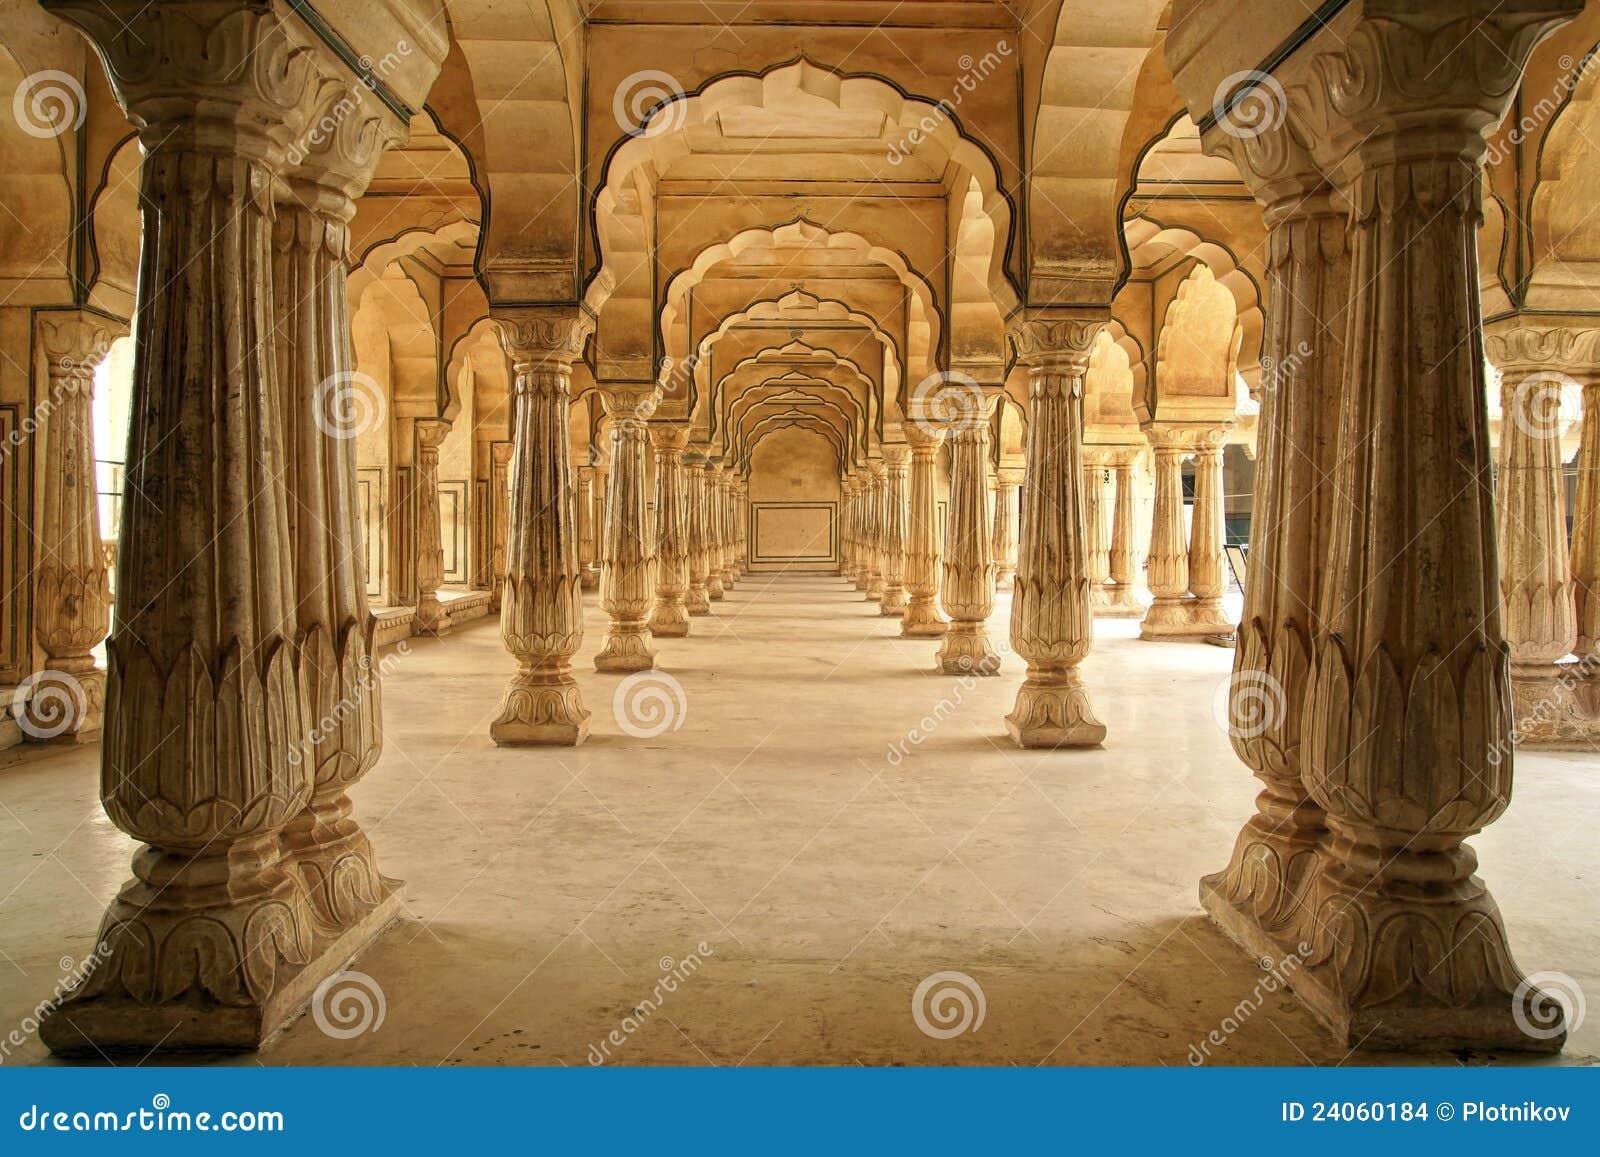 Columned zaal van Amberfort. Jaipur, India